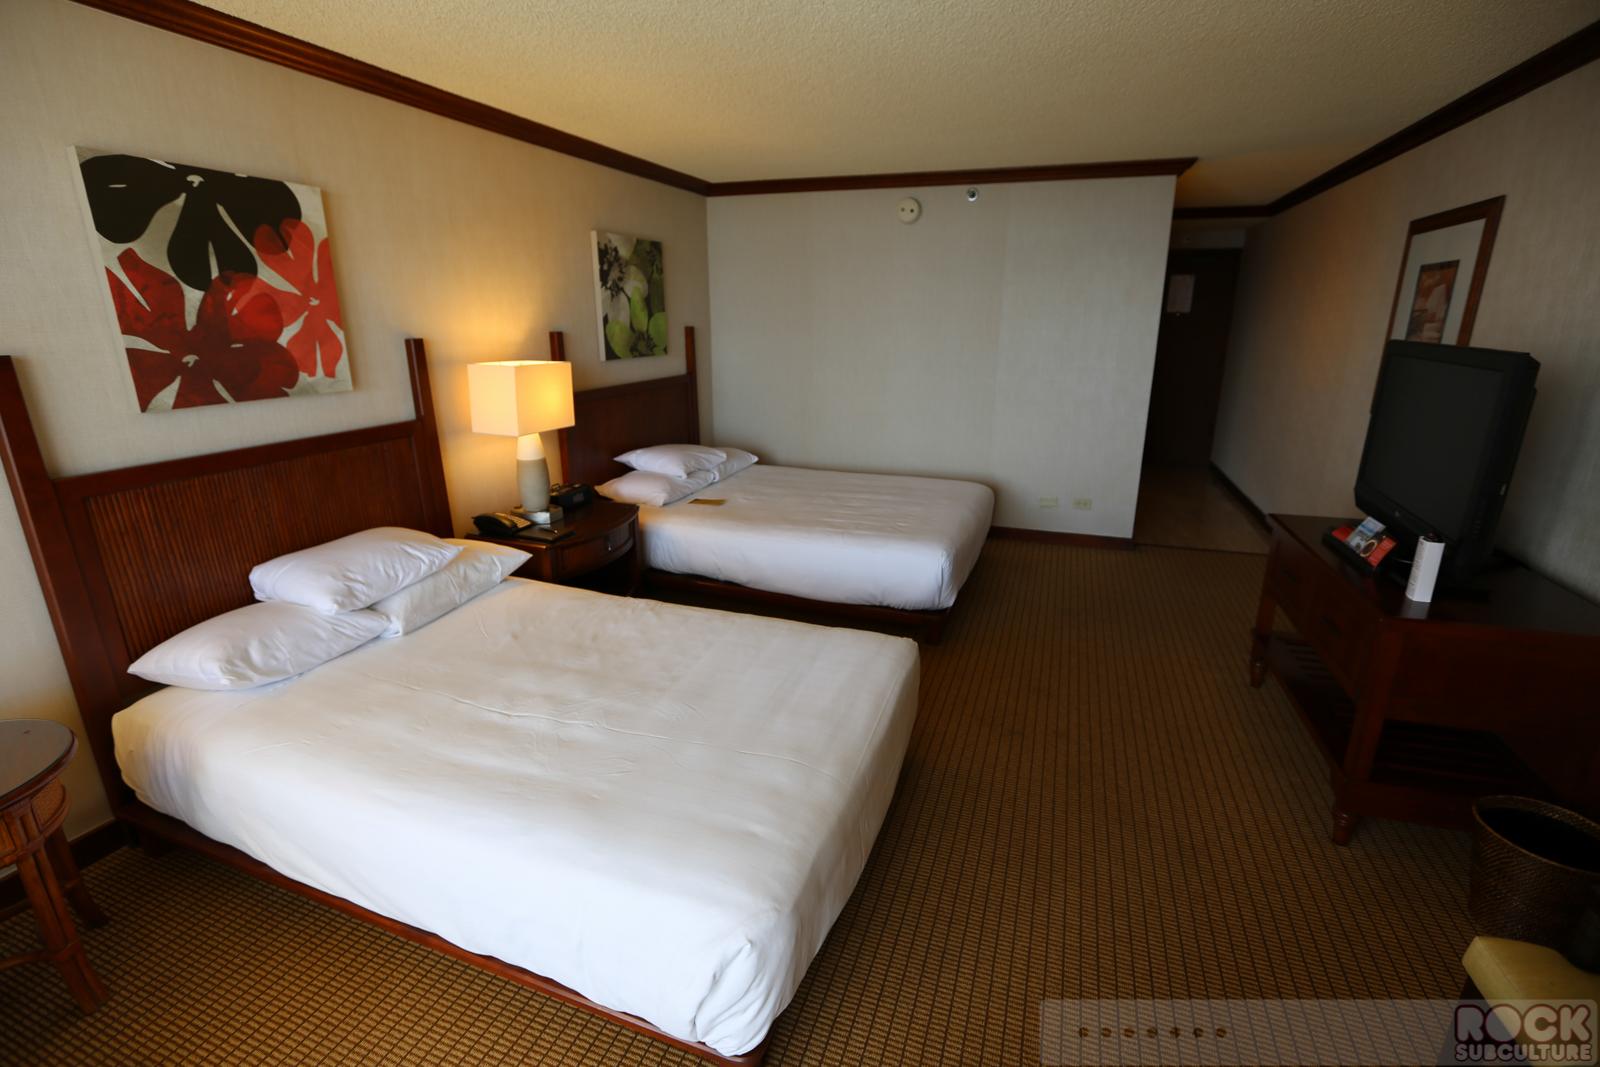 Hotel Resort Review Hyatt Regency Maui Resort Amp Spa